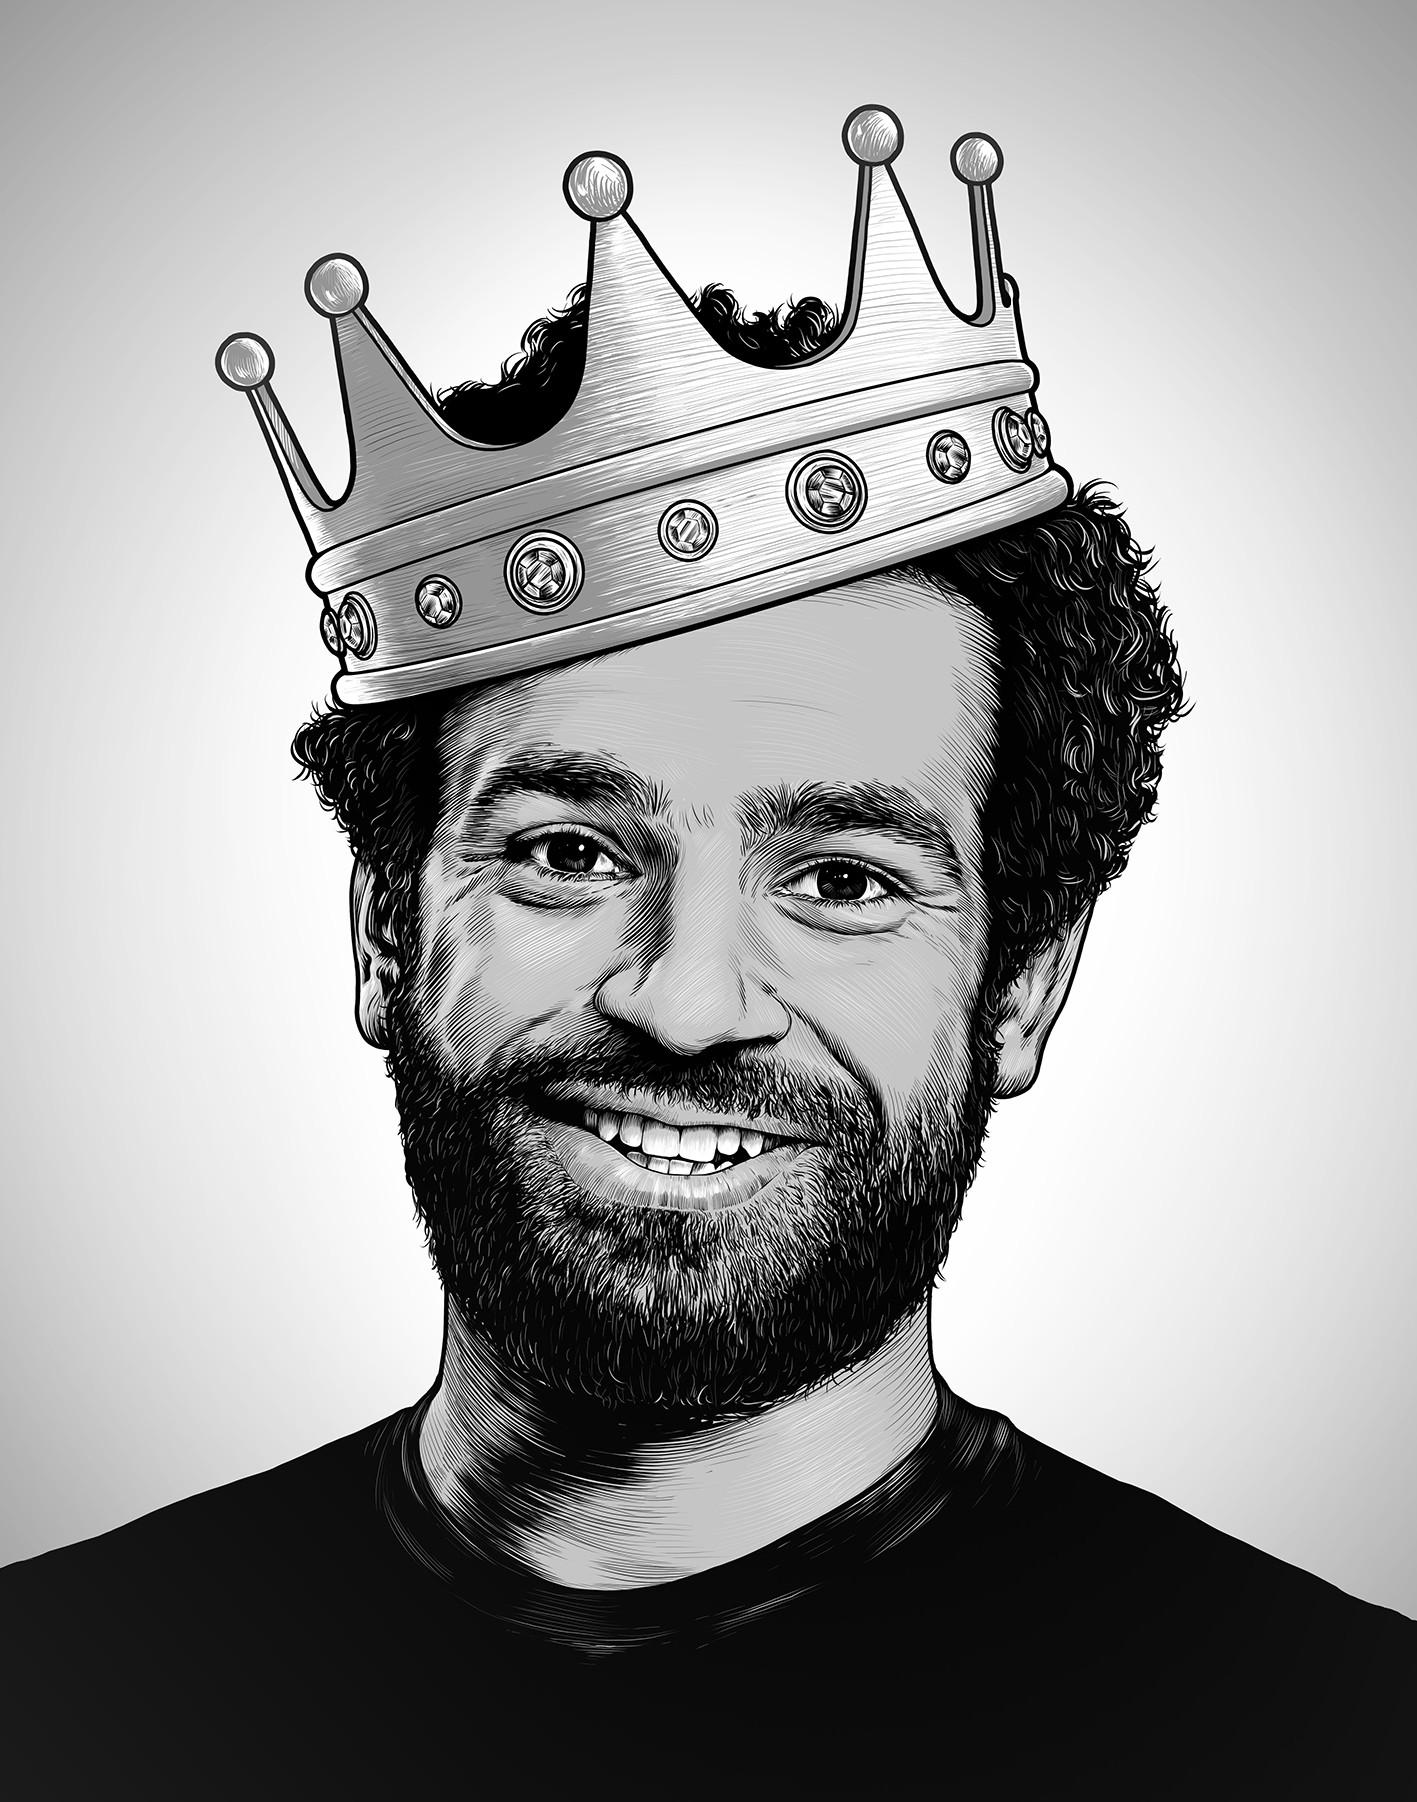 Mo Salah: Notorious